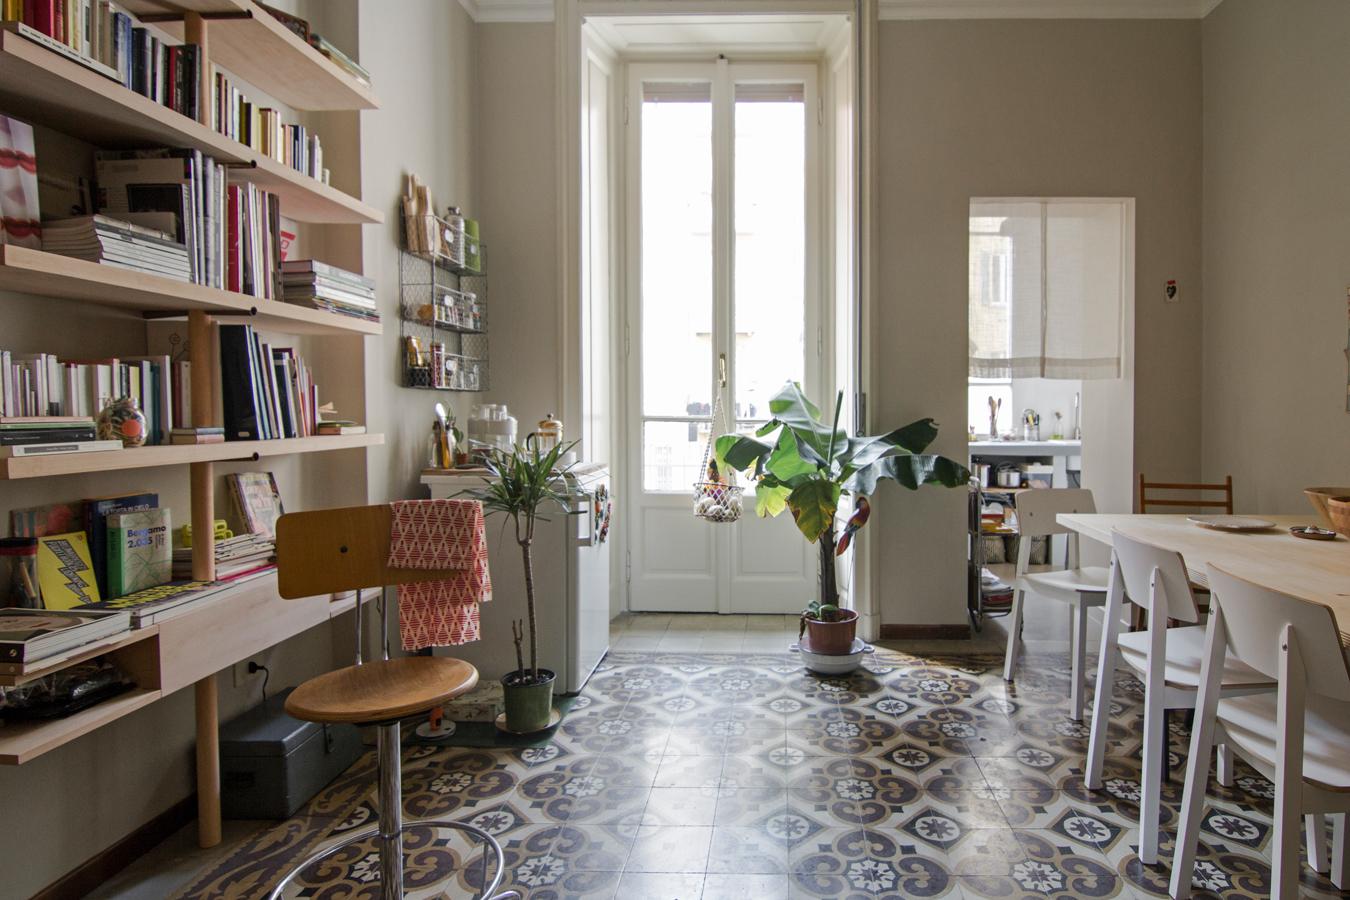 Casa in stile vecchia milano living corriere for Arredamento casa milano